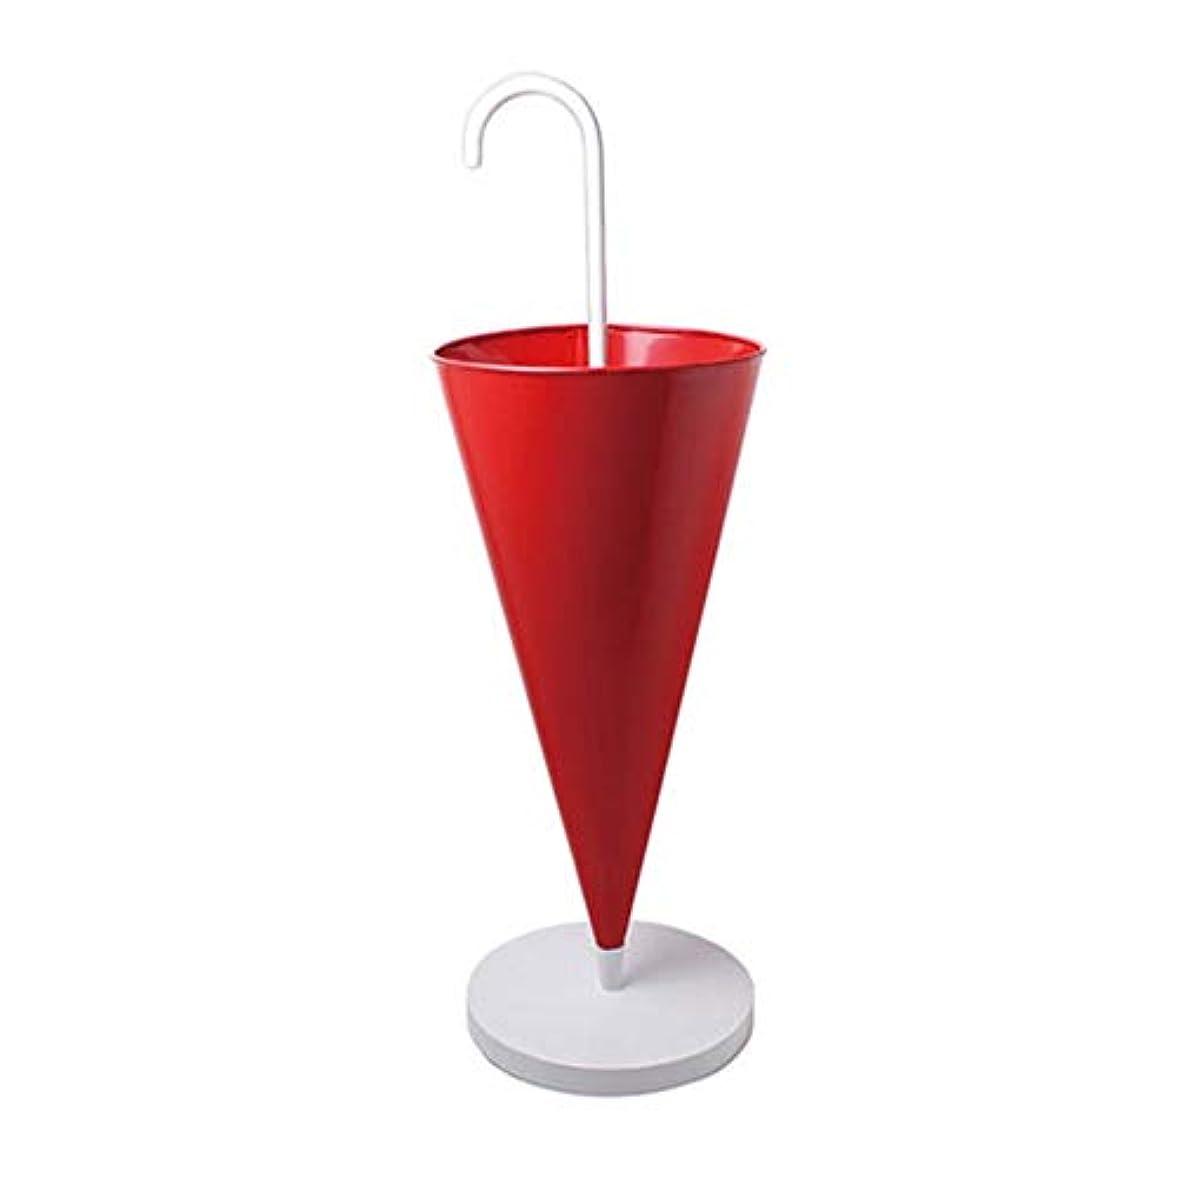 その後死んでいる火山学杖/ウォーキングスティック用の赤い金属製の傘立て、ポータブル傘型の家の装飾の出入り口、ベース付きの傘ホルダーラック (Color : Red, Size : 30×30×93cm)